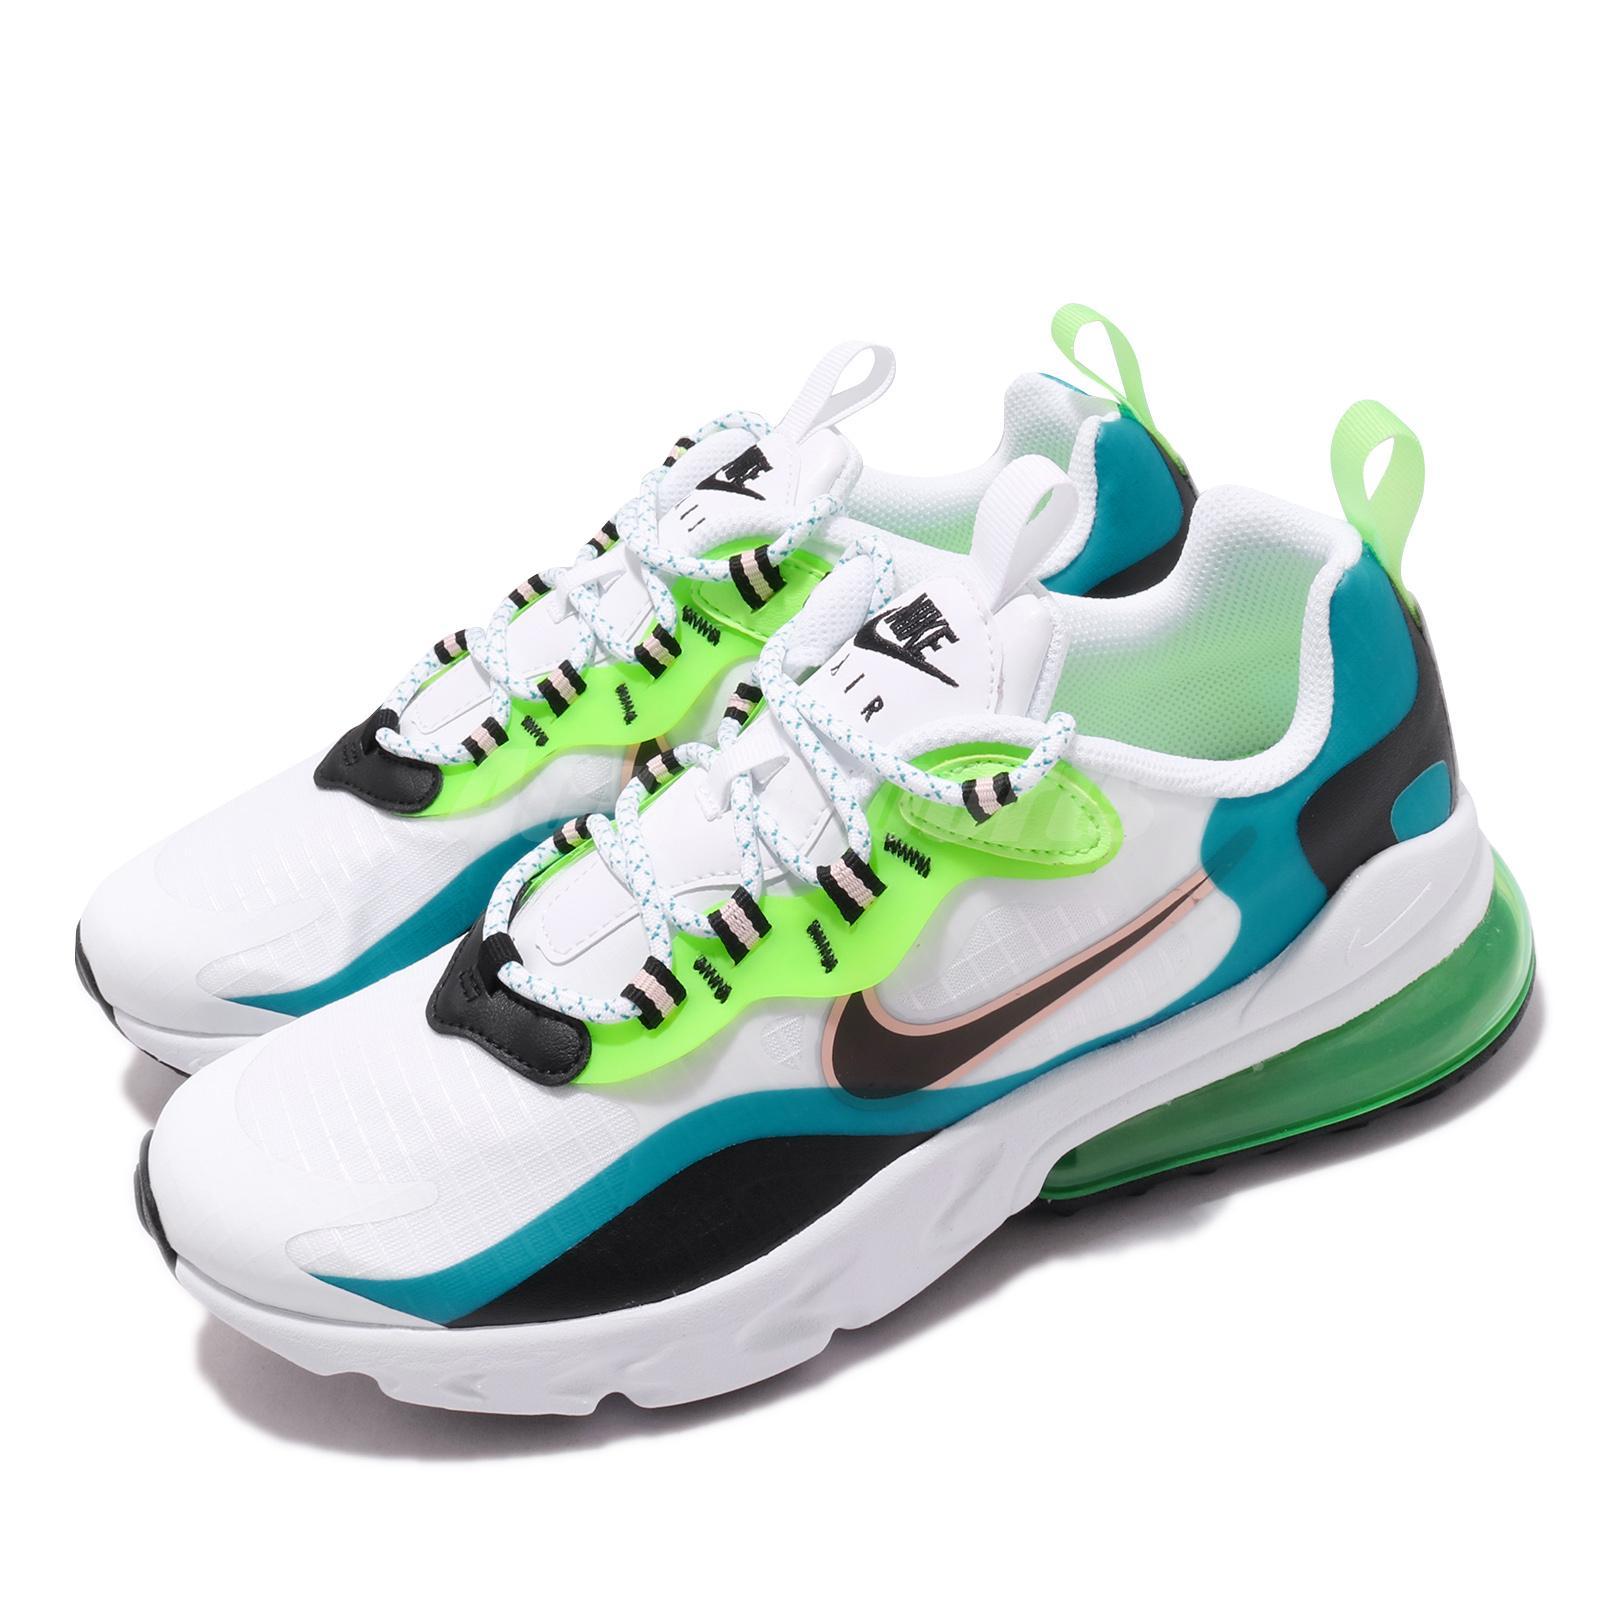 Nike Air Max 270 React Se Gs Oracle Aqua Black White Green Kid